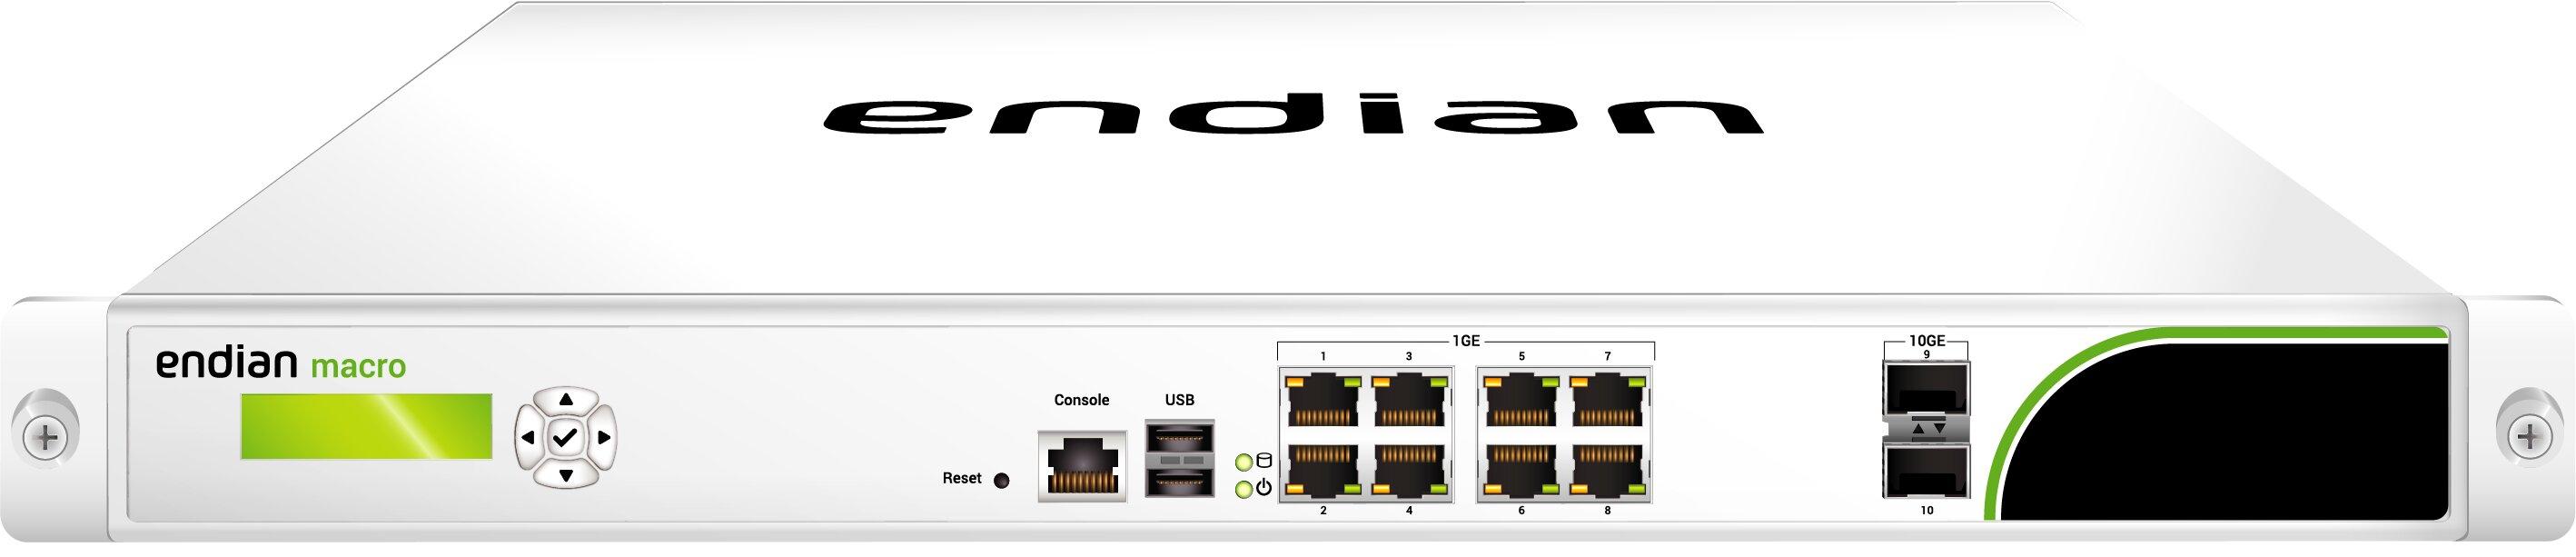 Slide rack kit for Endian UTM Macro 2021